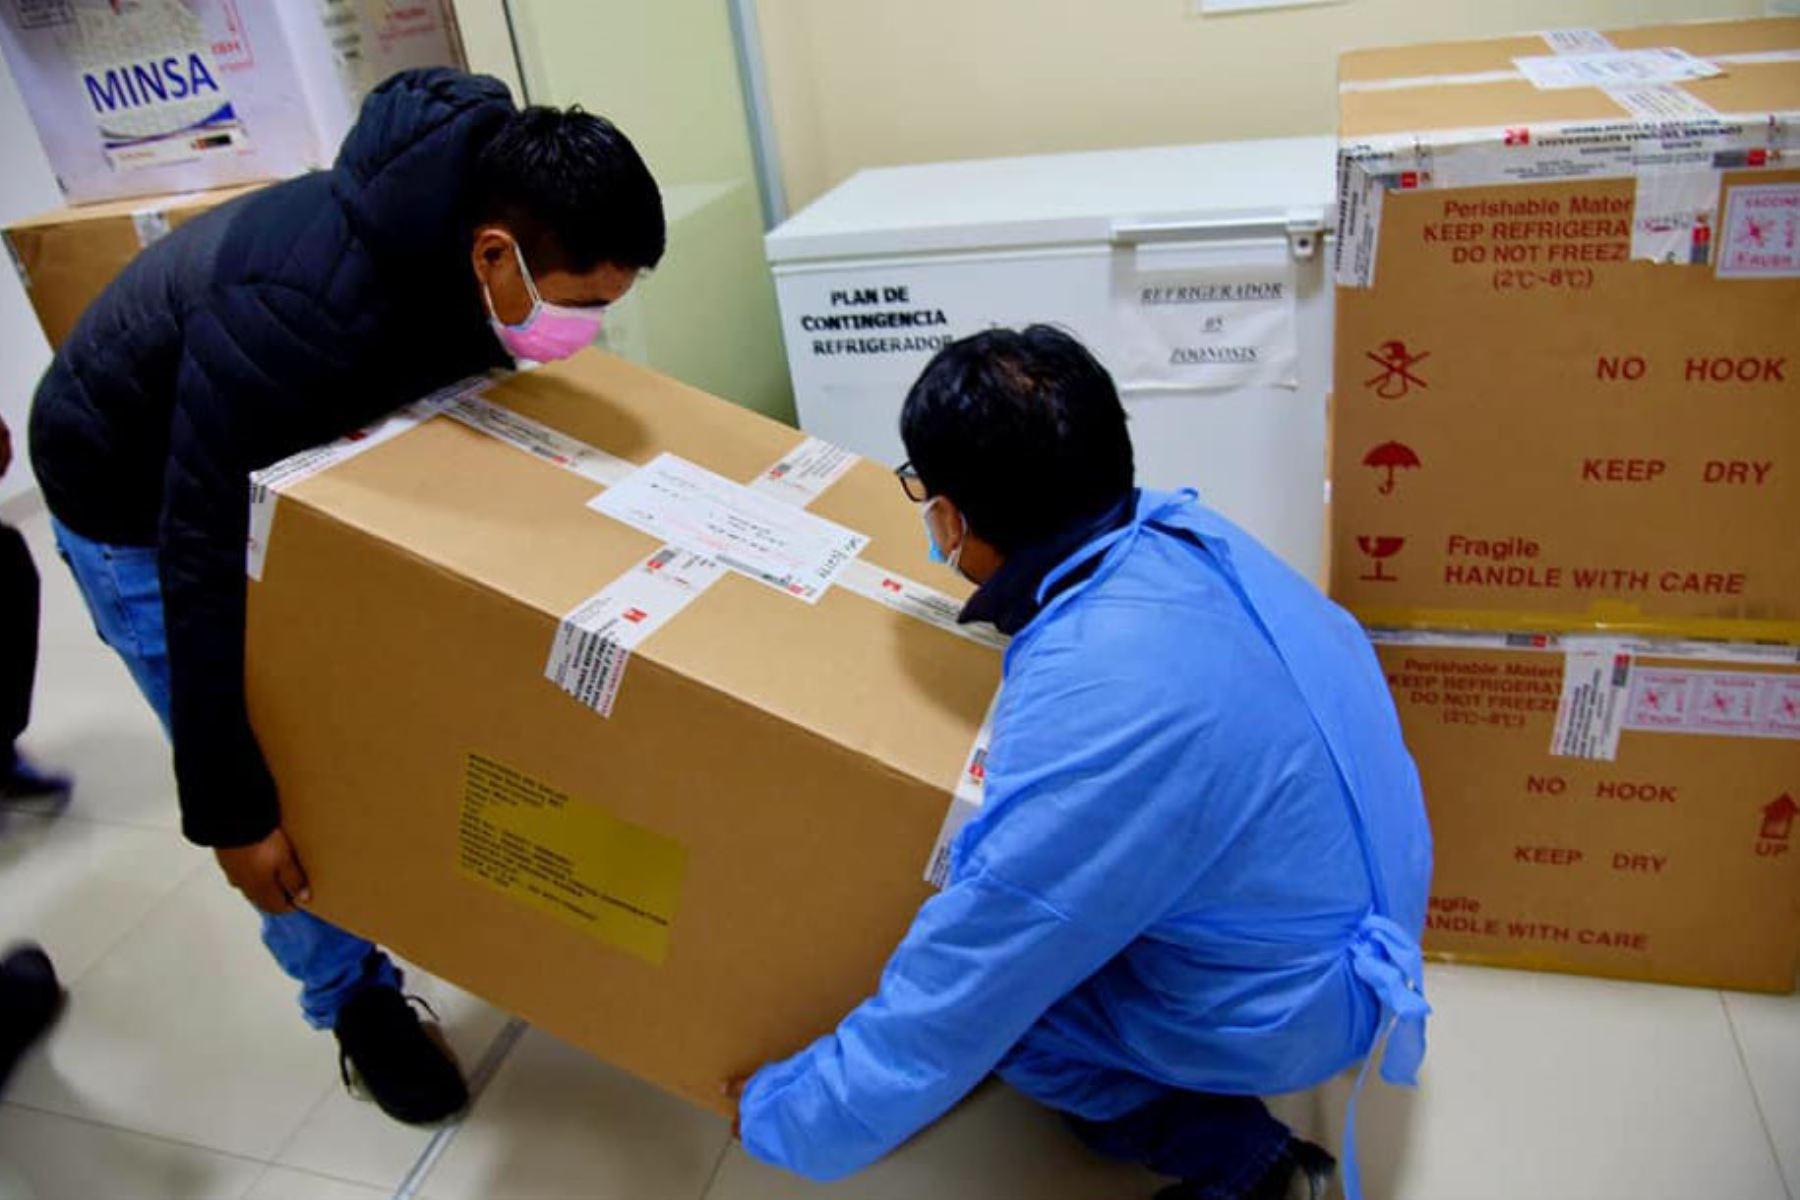 La región Áncash recibió  un nuevo lote de 33,208 vacunas del laboratorio chino Sinopharm para continuar su proceso de inmunización de adultos mayores y población más vulnerable contra el covid-19. Foto: Cortesía Gonzalo Horna